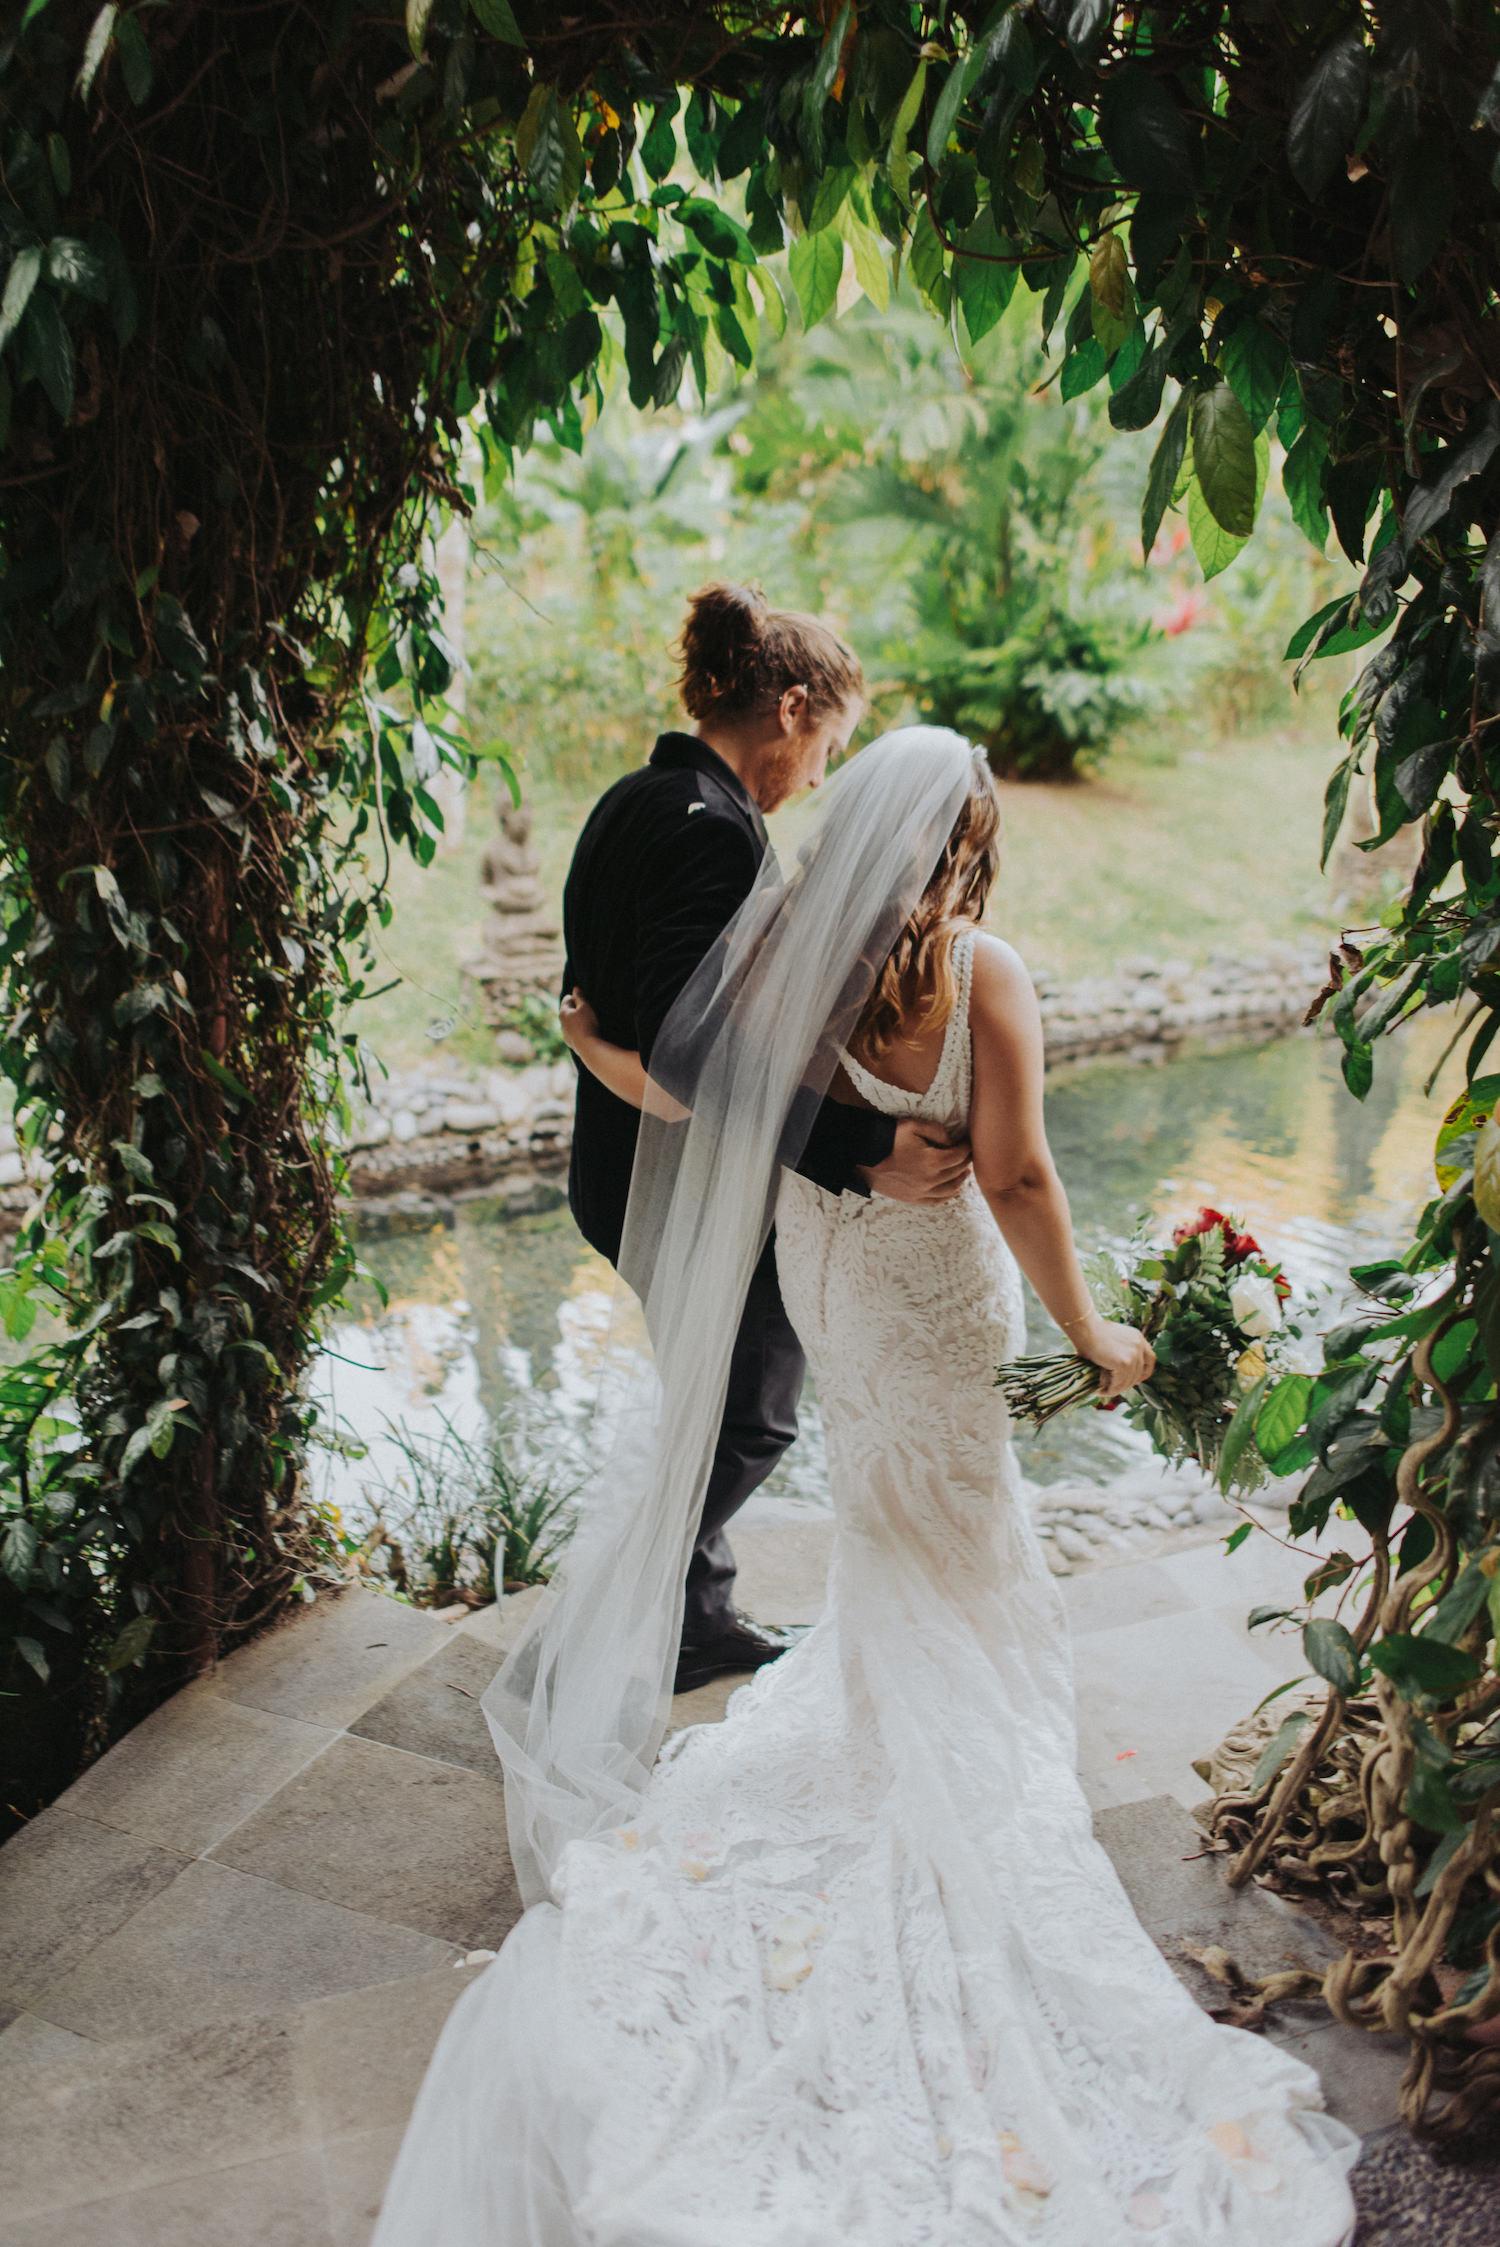 bianca and nathan wedding couple.jpg